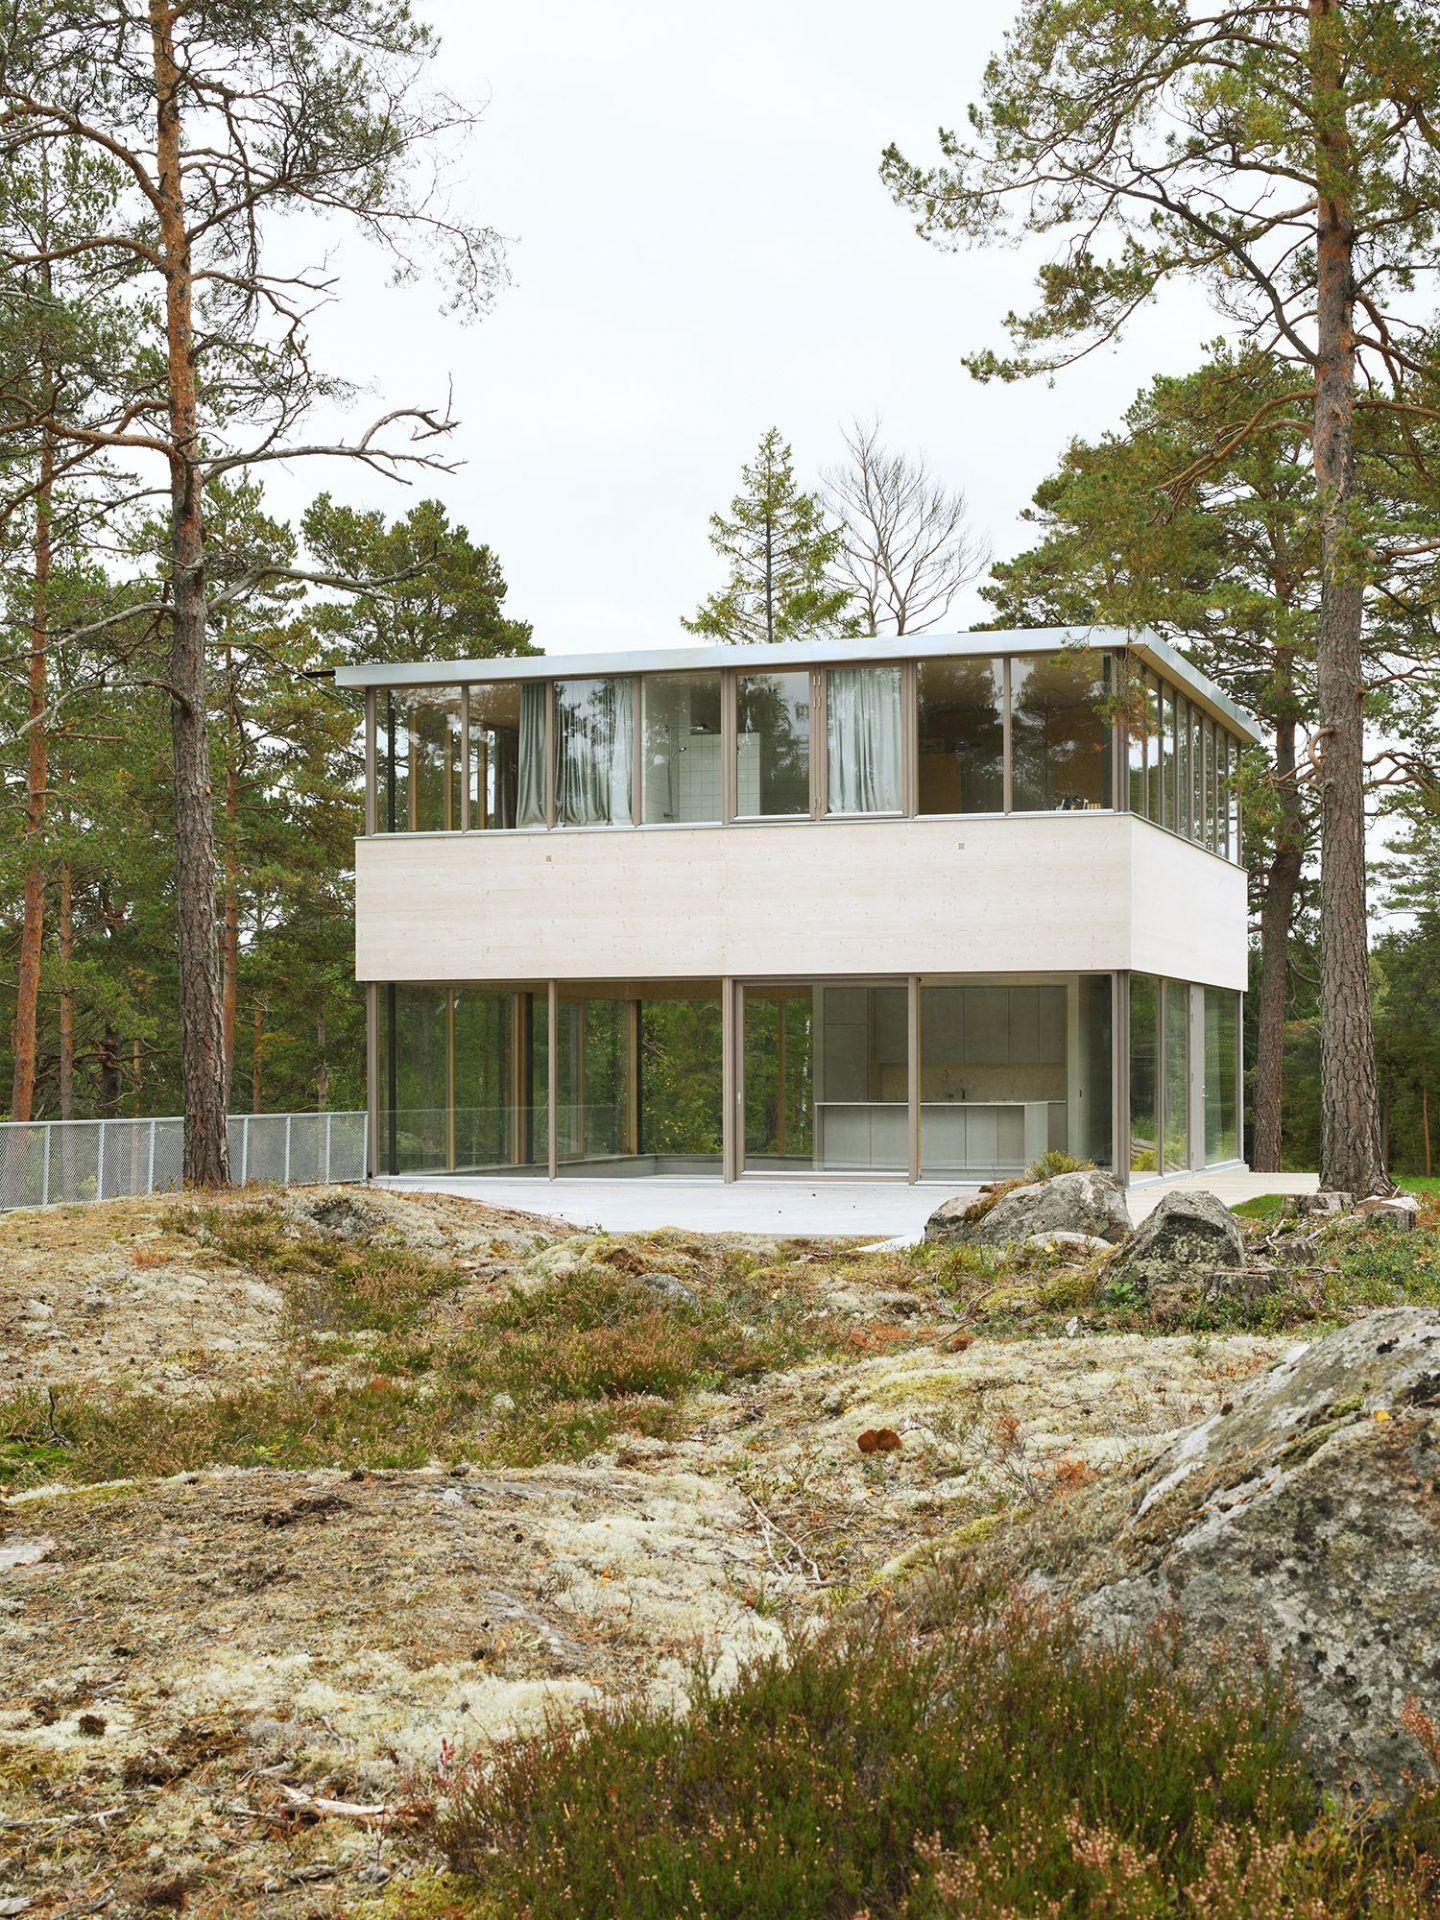 IGNANT-Architecture-Arrhov-Frick-Atelier-Lapidus-1